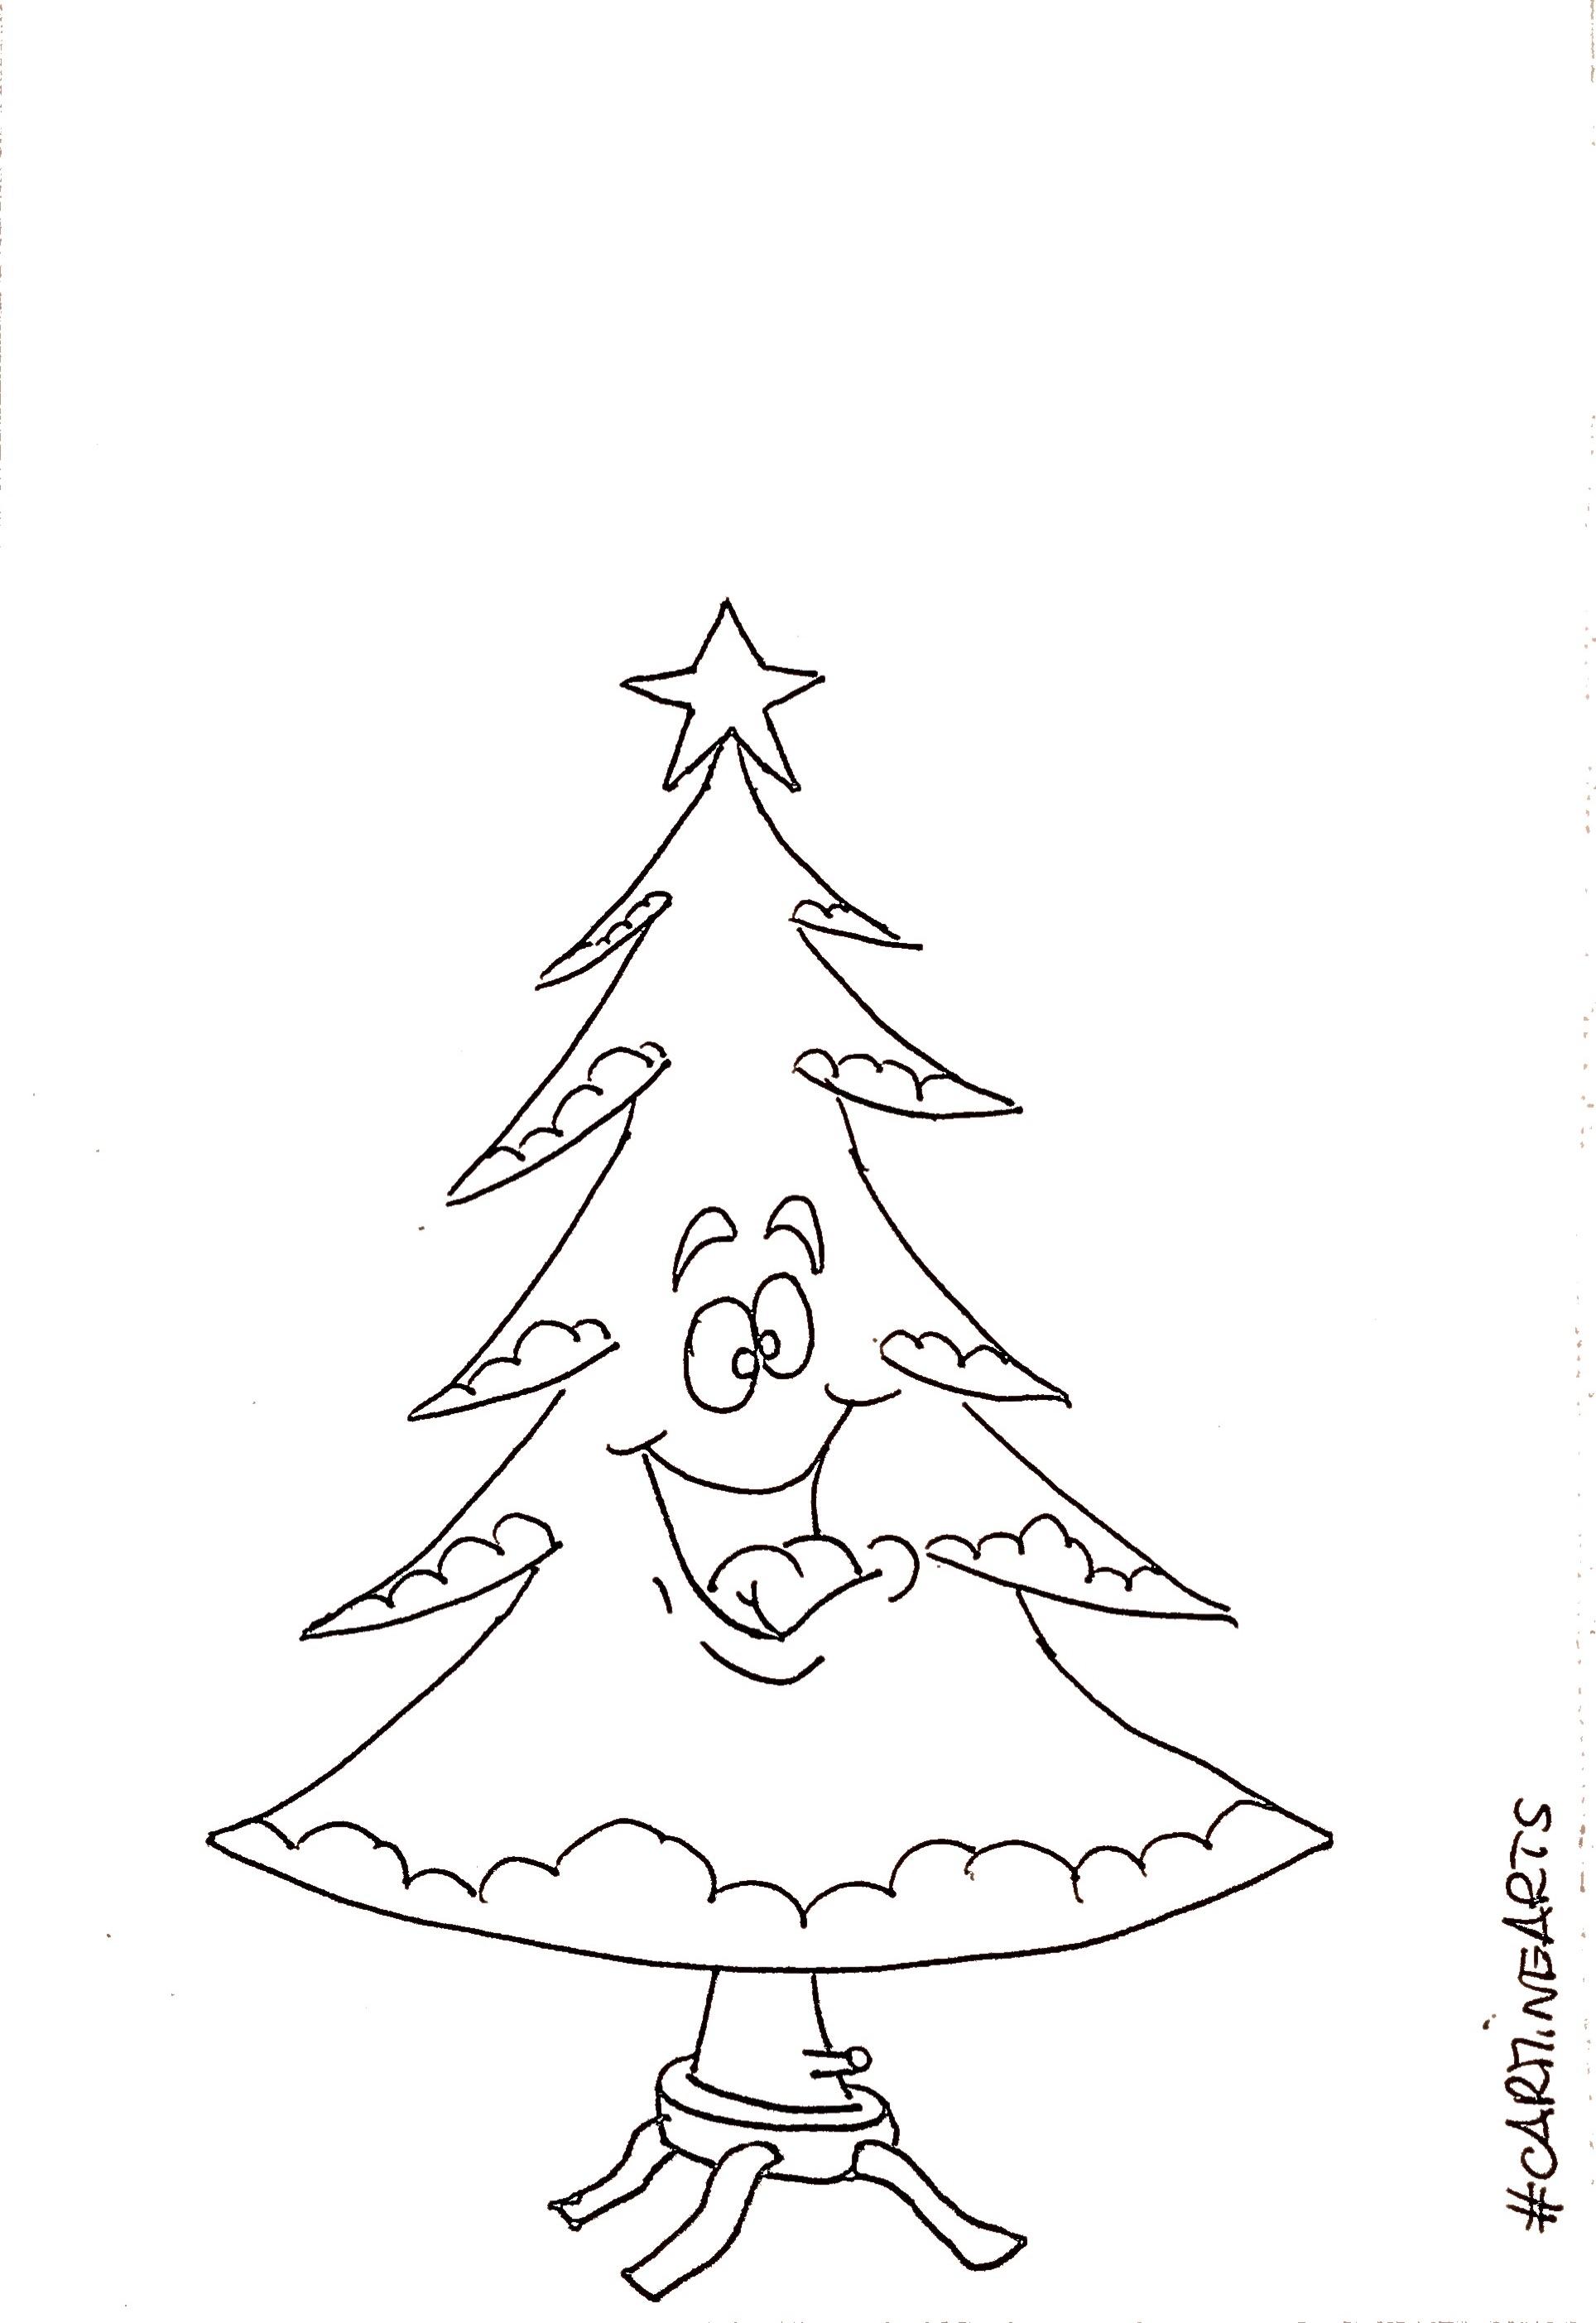 Disegni Di Alberi Di Natale.Disegni Albero Di Natale Da Colorare